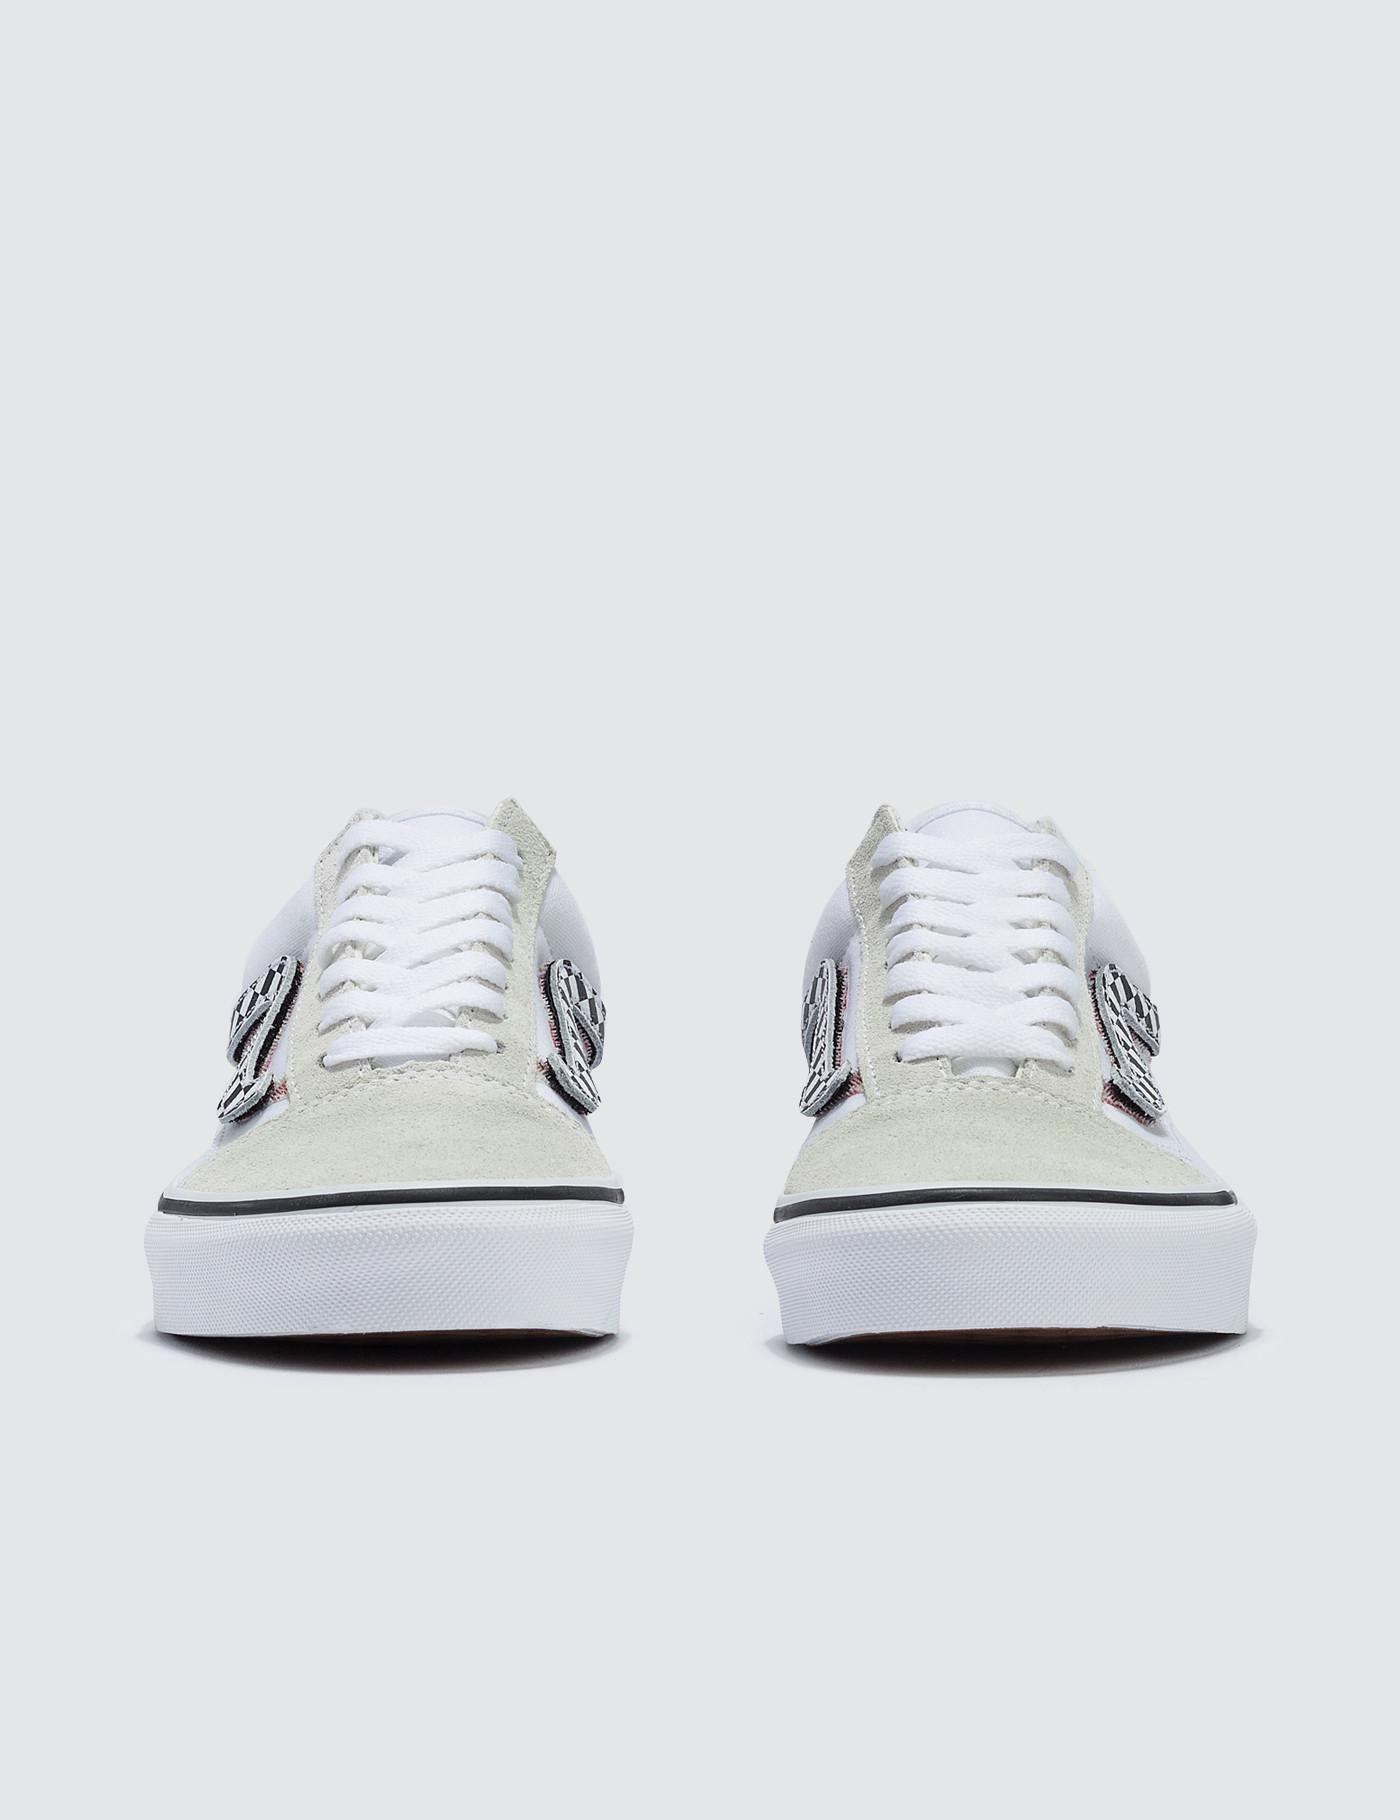 73f2ca5a98 Vans - White Sidestripe V Old Skool - Lyst. View fullscreen